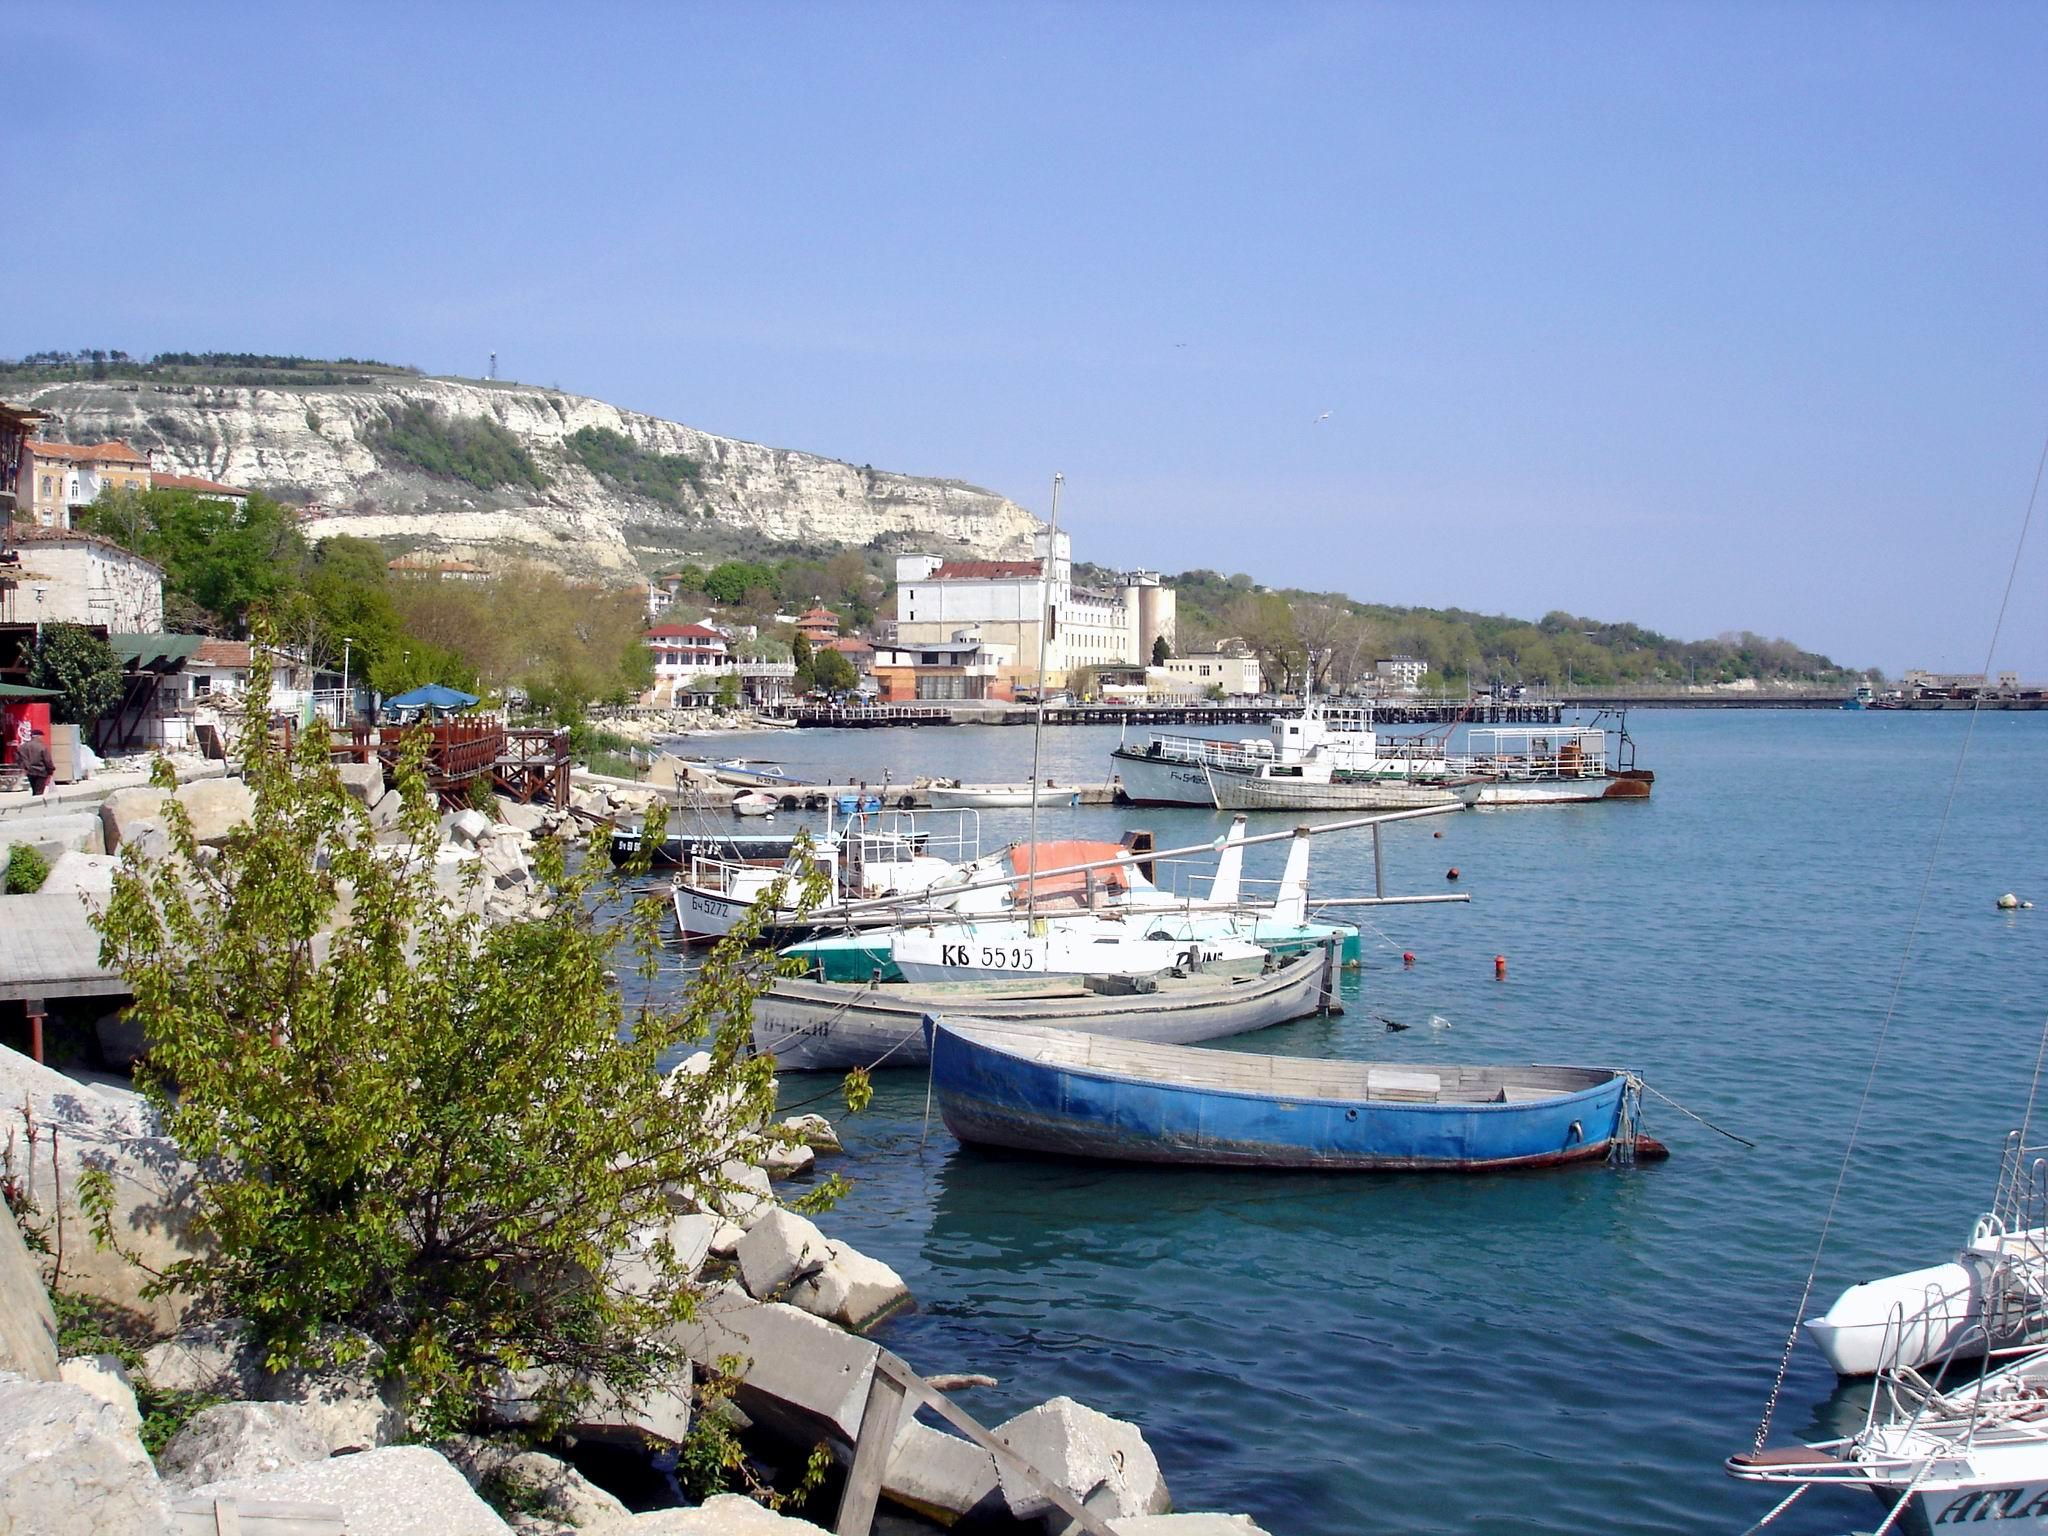 Balchik-sea-resort-boats-near-coast